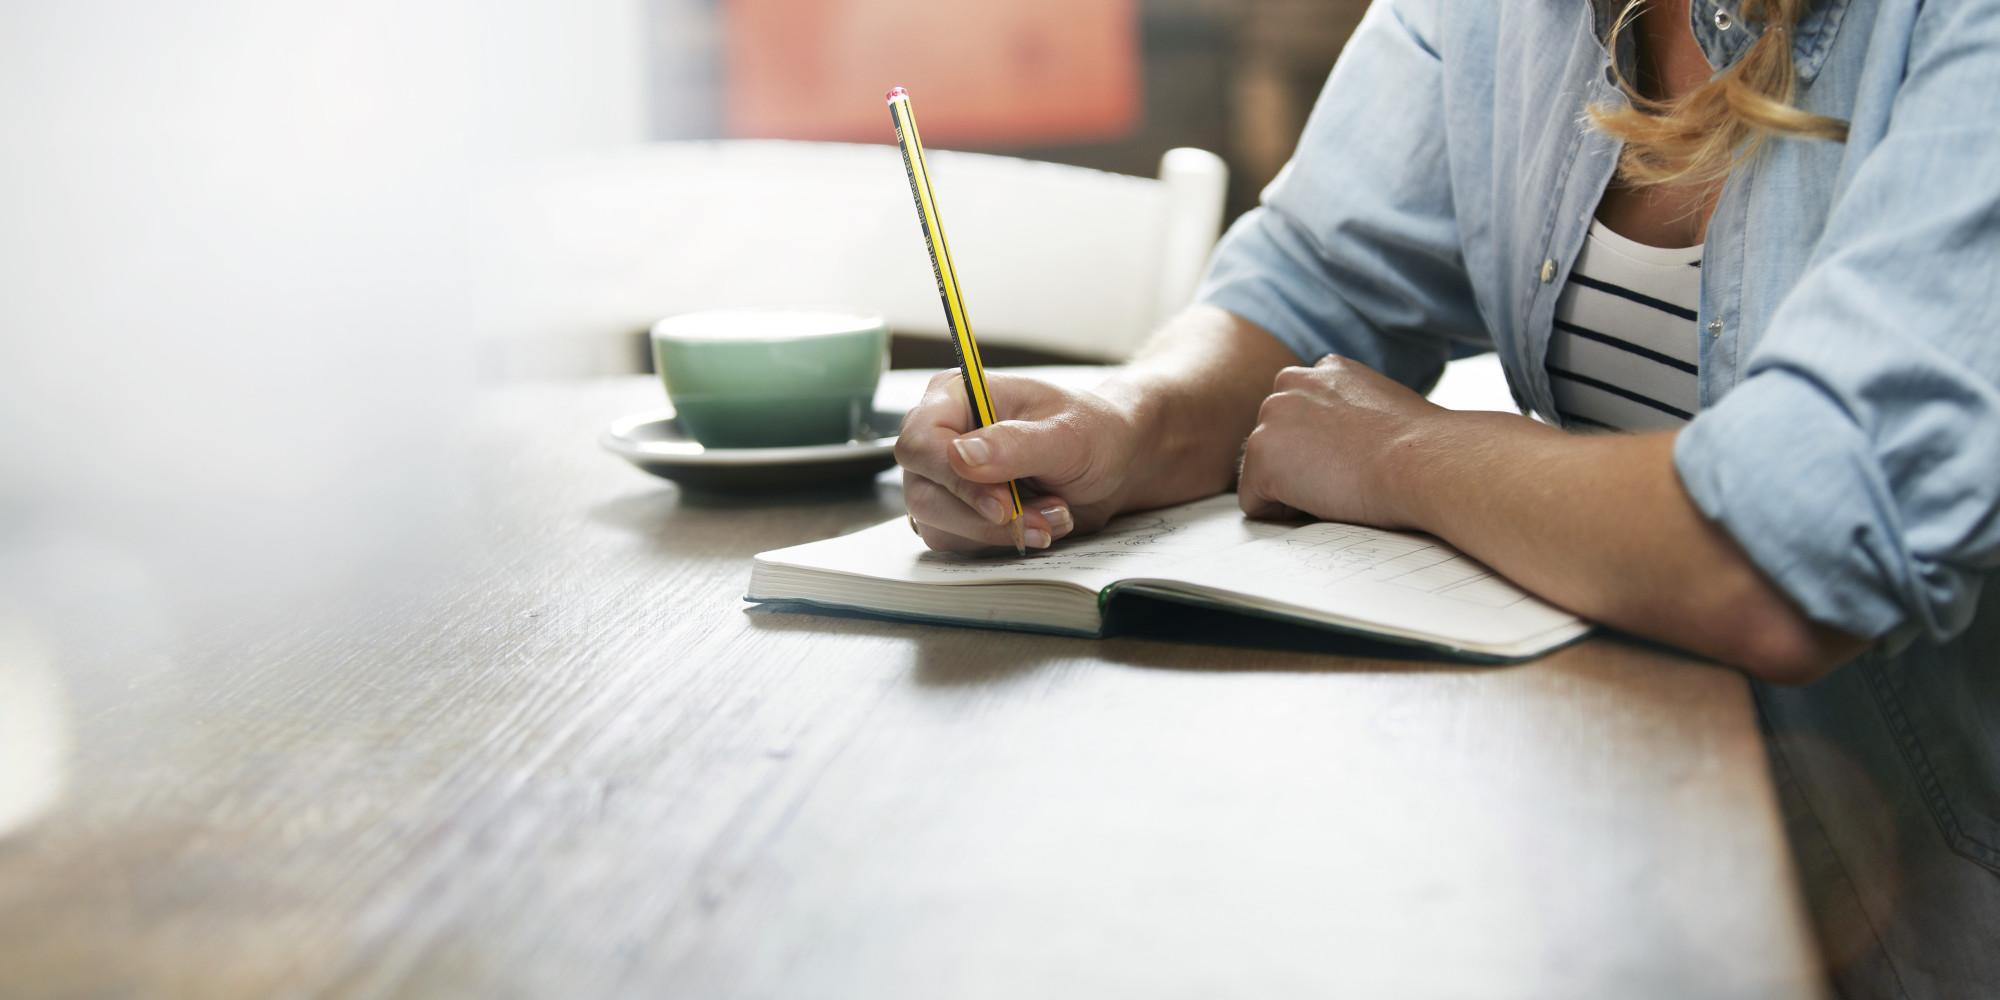 یک دفترچه یادداشت کوچک میتواند به شما یاد آوری کند که چه نعمتهای خوبی در اختیار شماست